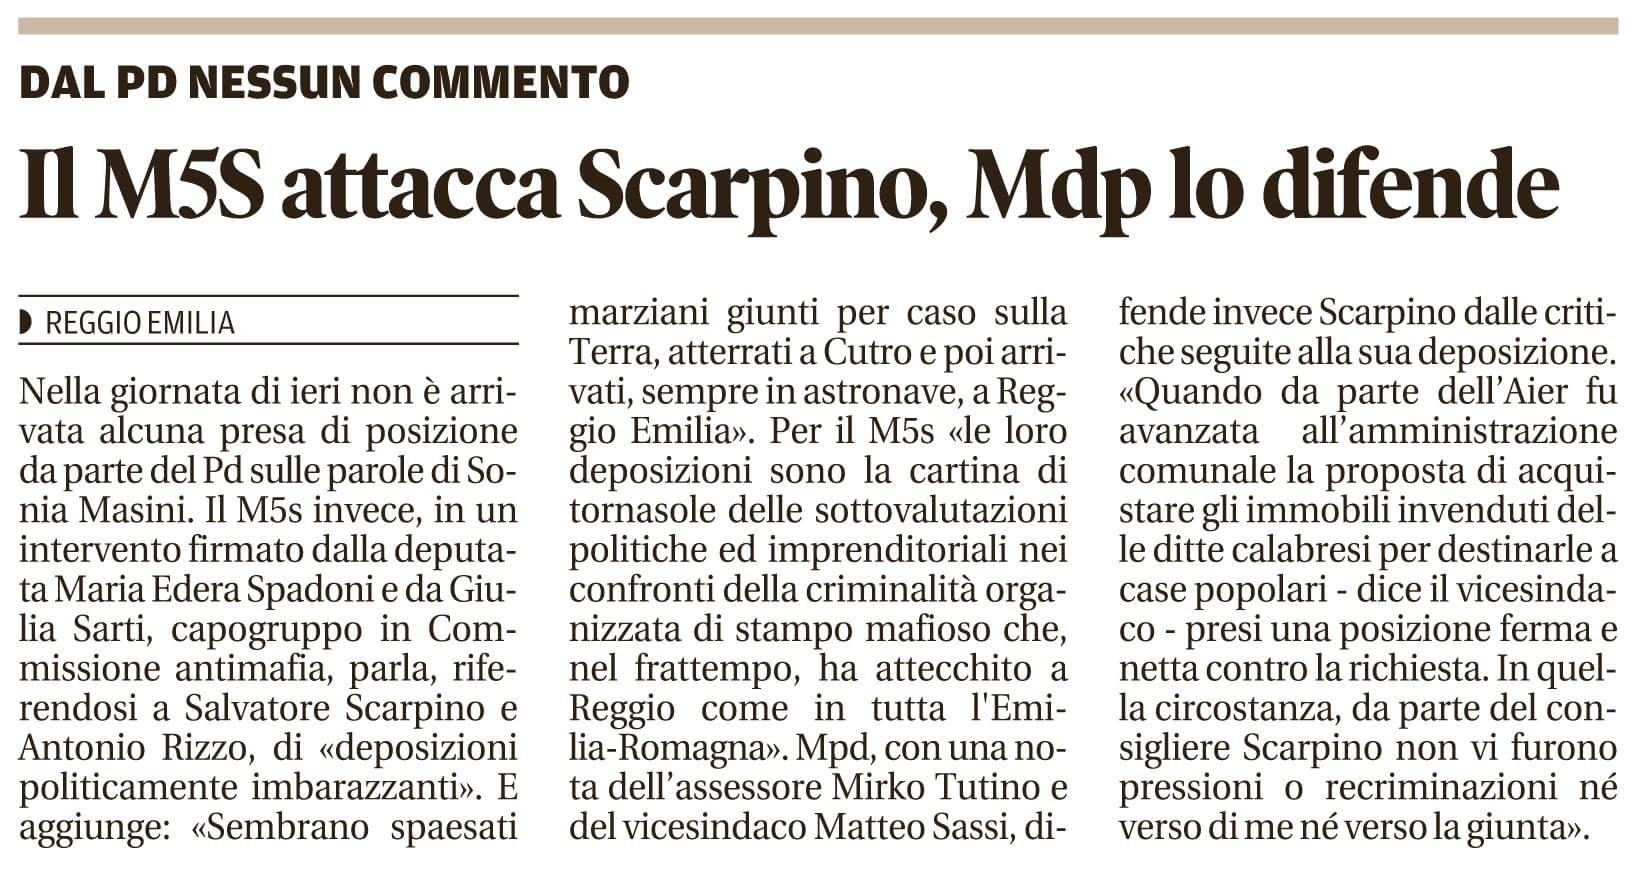 Il M5S attacca Scarpino